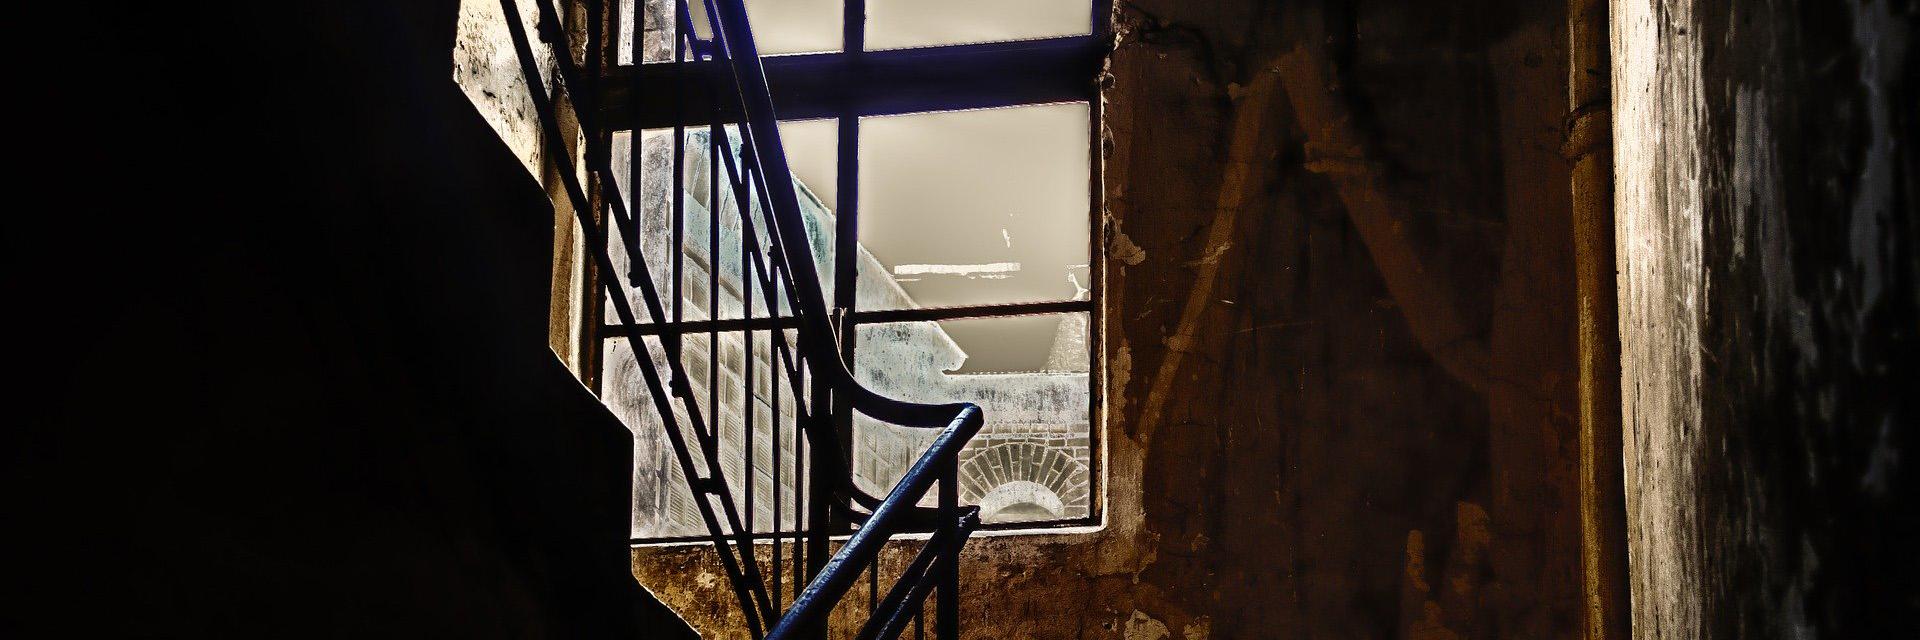 En el descansillo es un relato escrito por Miguel Rodríguez Echeandía para la sección de relatos de terror de su blog.